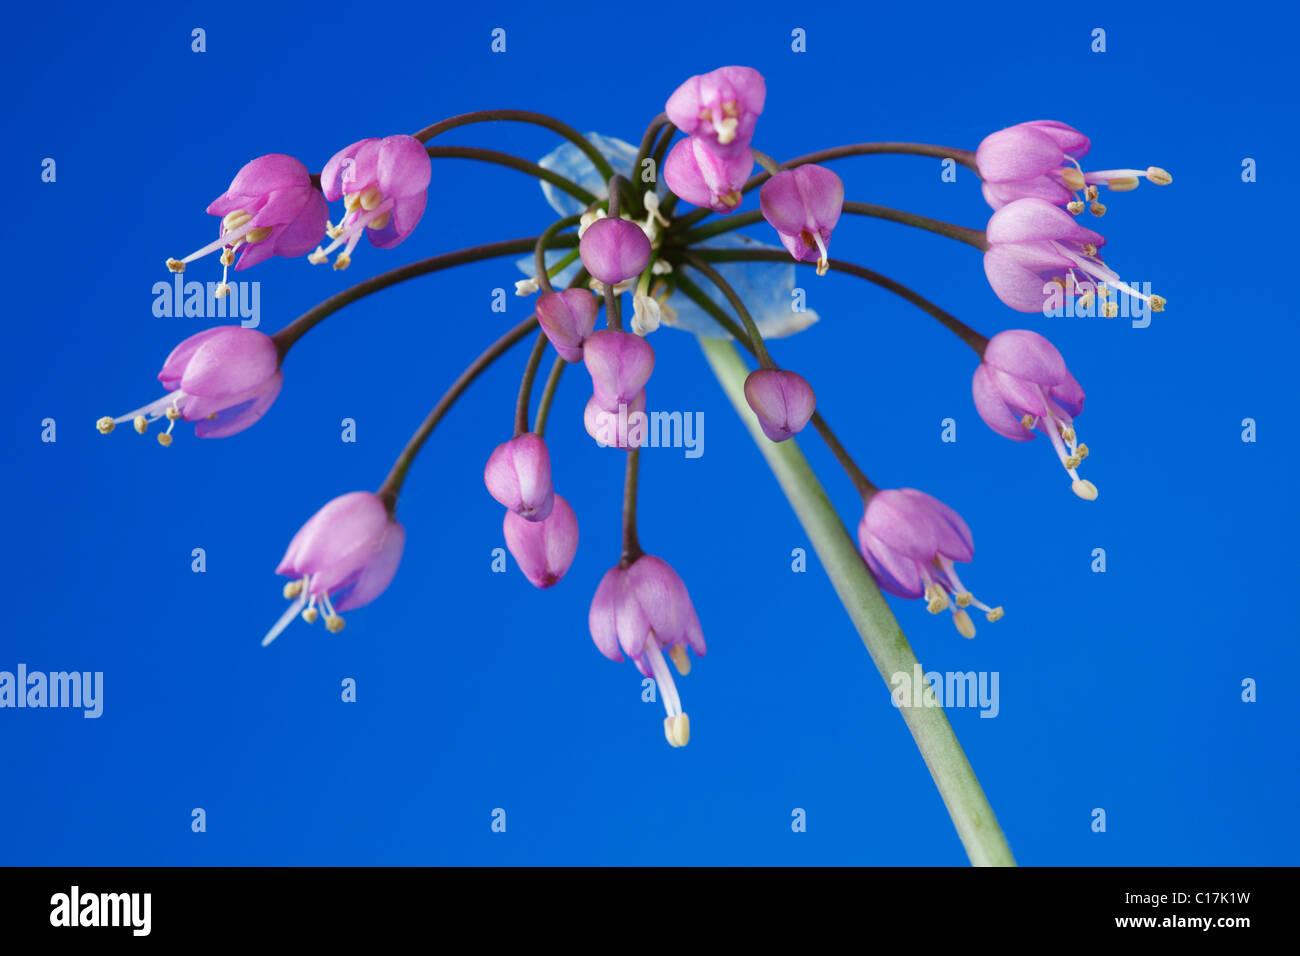 Allium Cernuum Nodding Zwiebel Lady Lauch Juni Stockfotografie Alamy